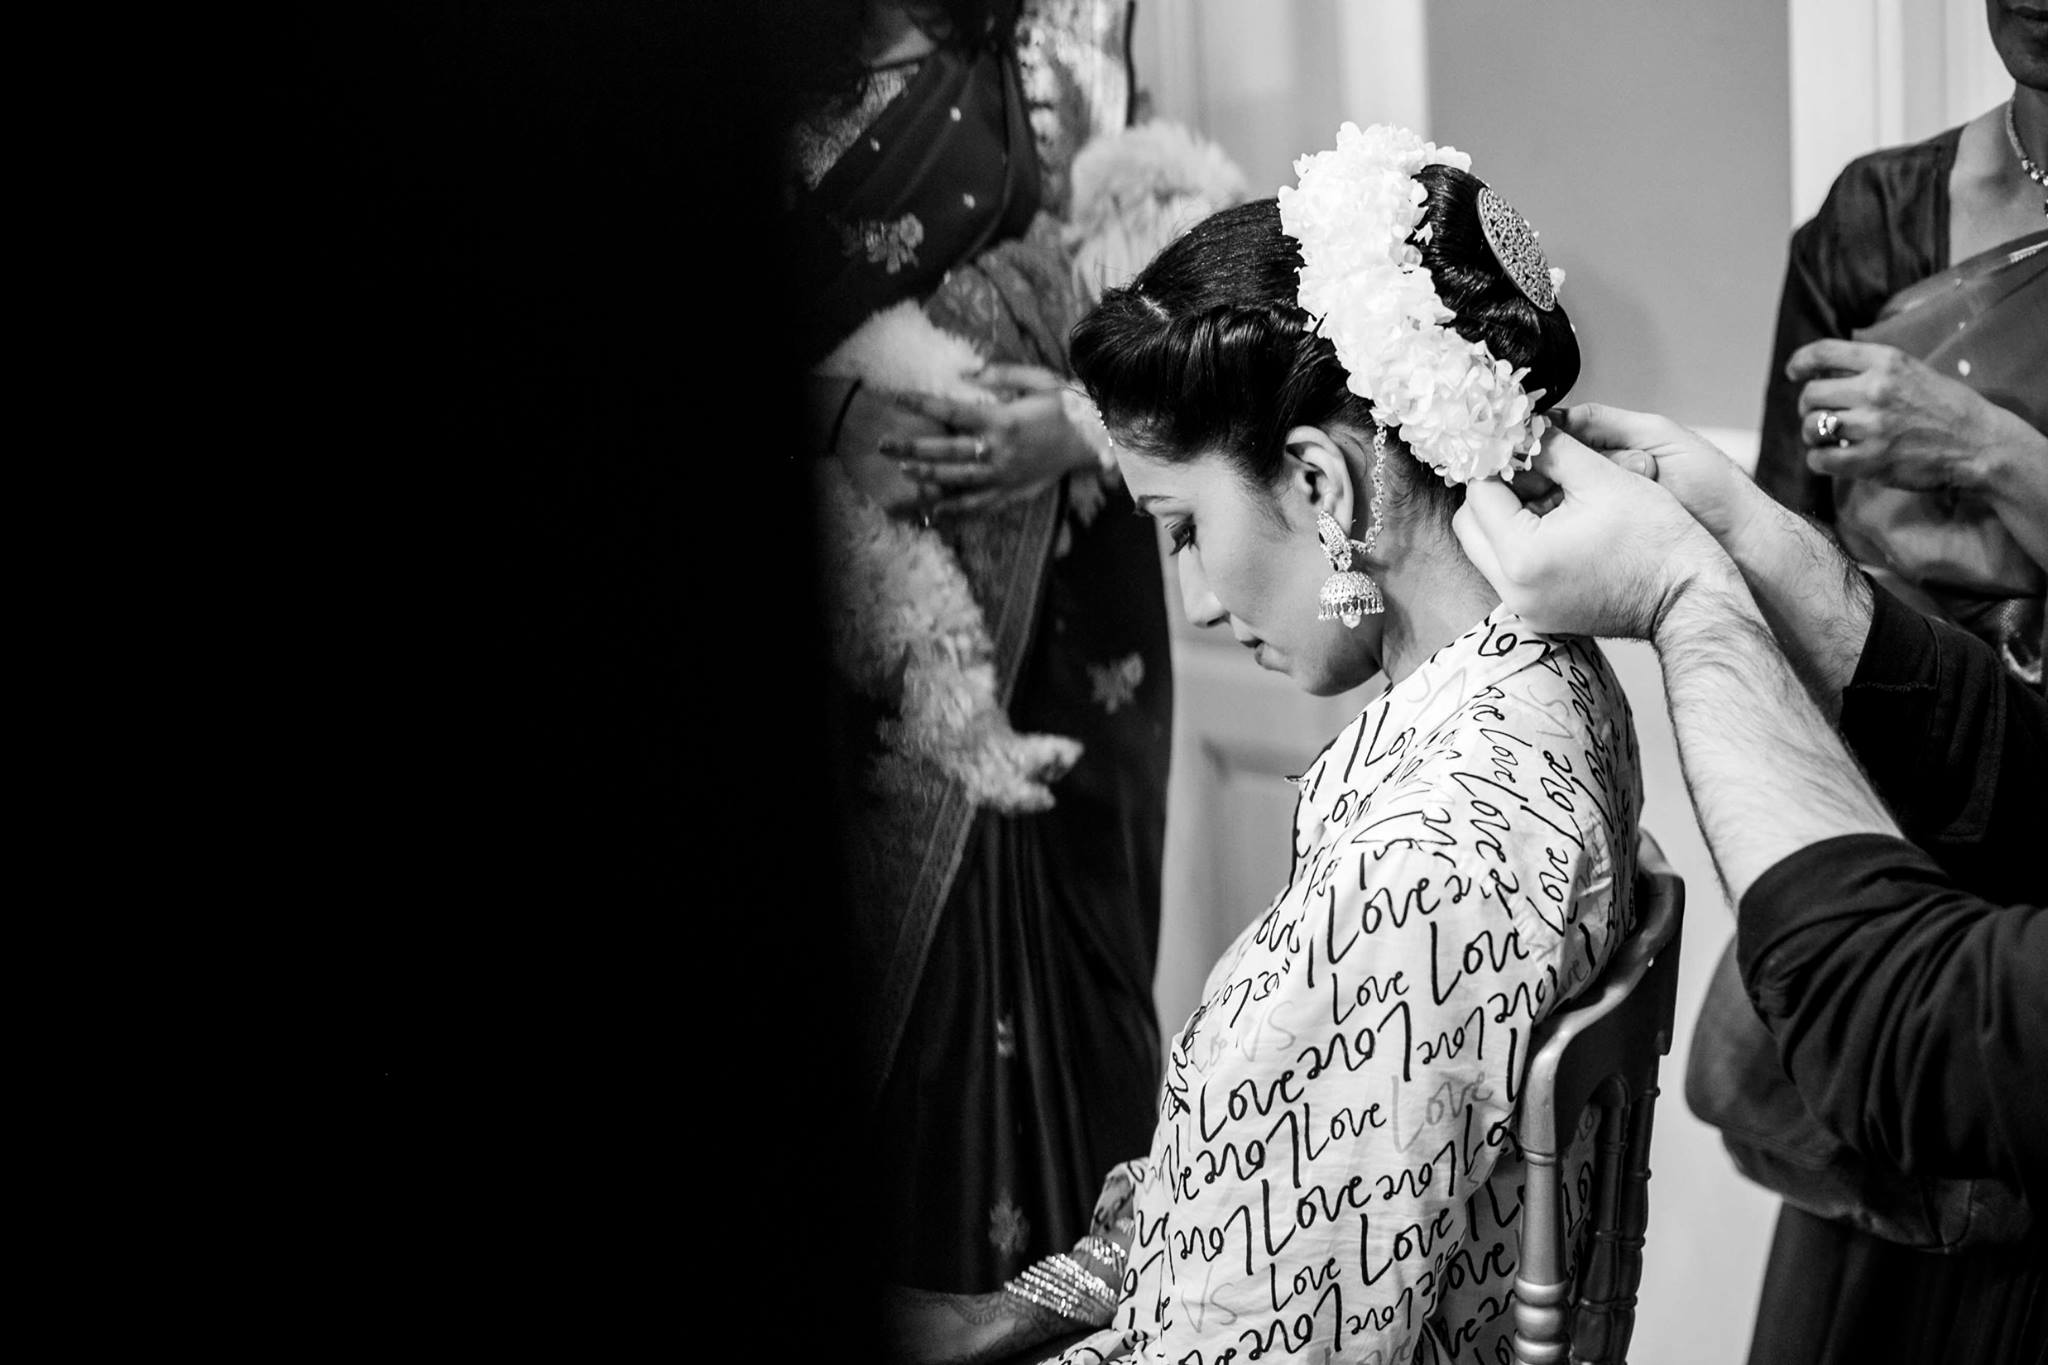 La boda india de Siva & Pooj